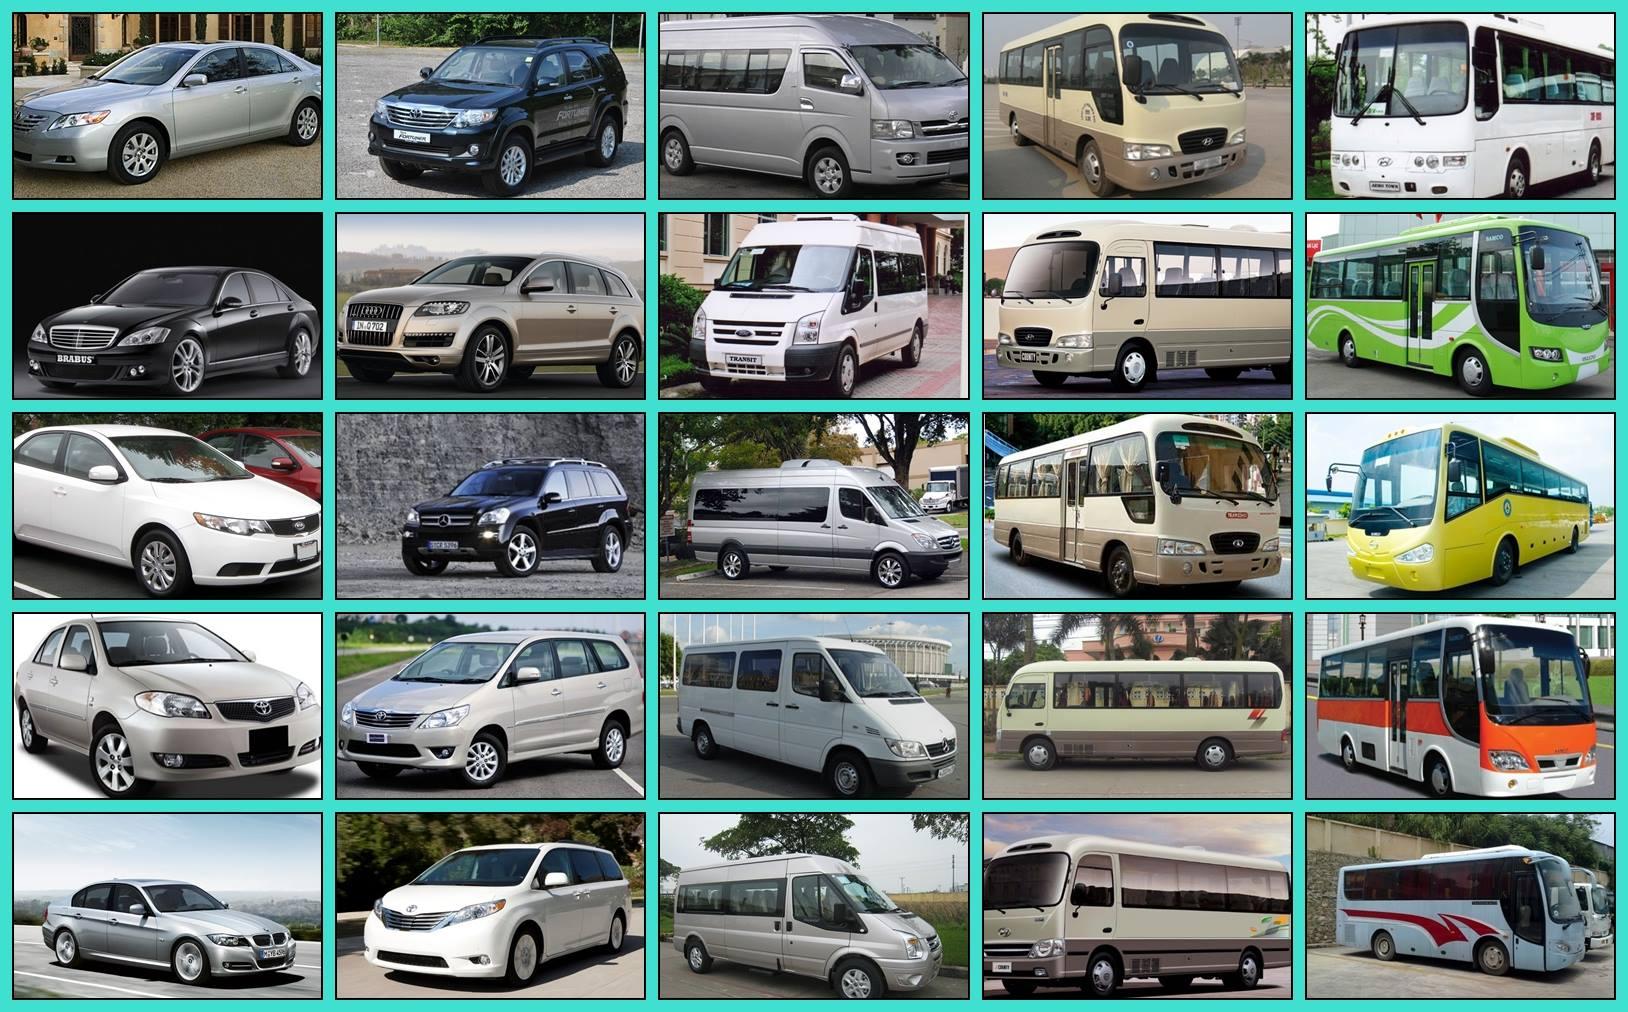 Dịch vụ cho thuê xe tại Đà Nẵng từ 4-45 chỗ